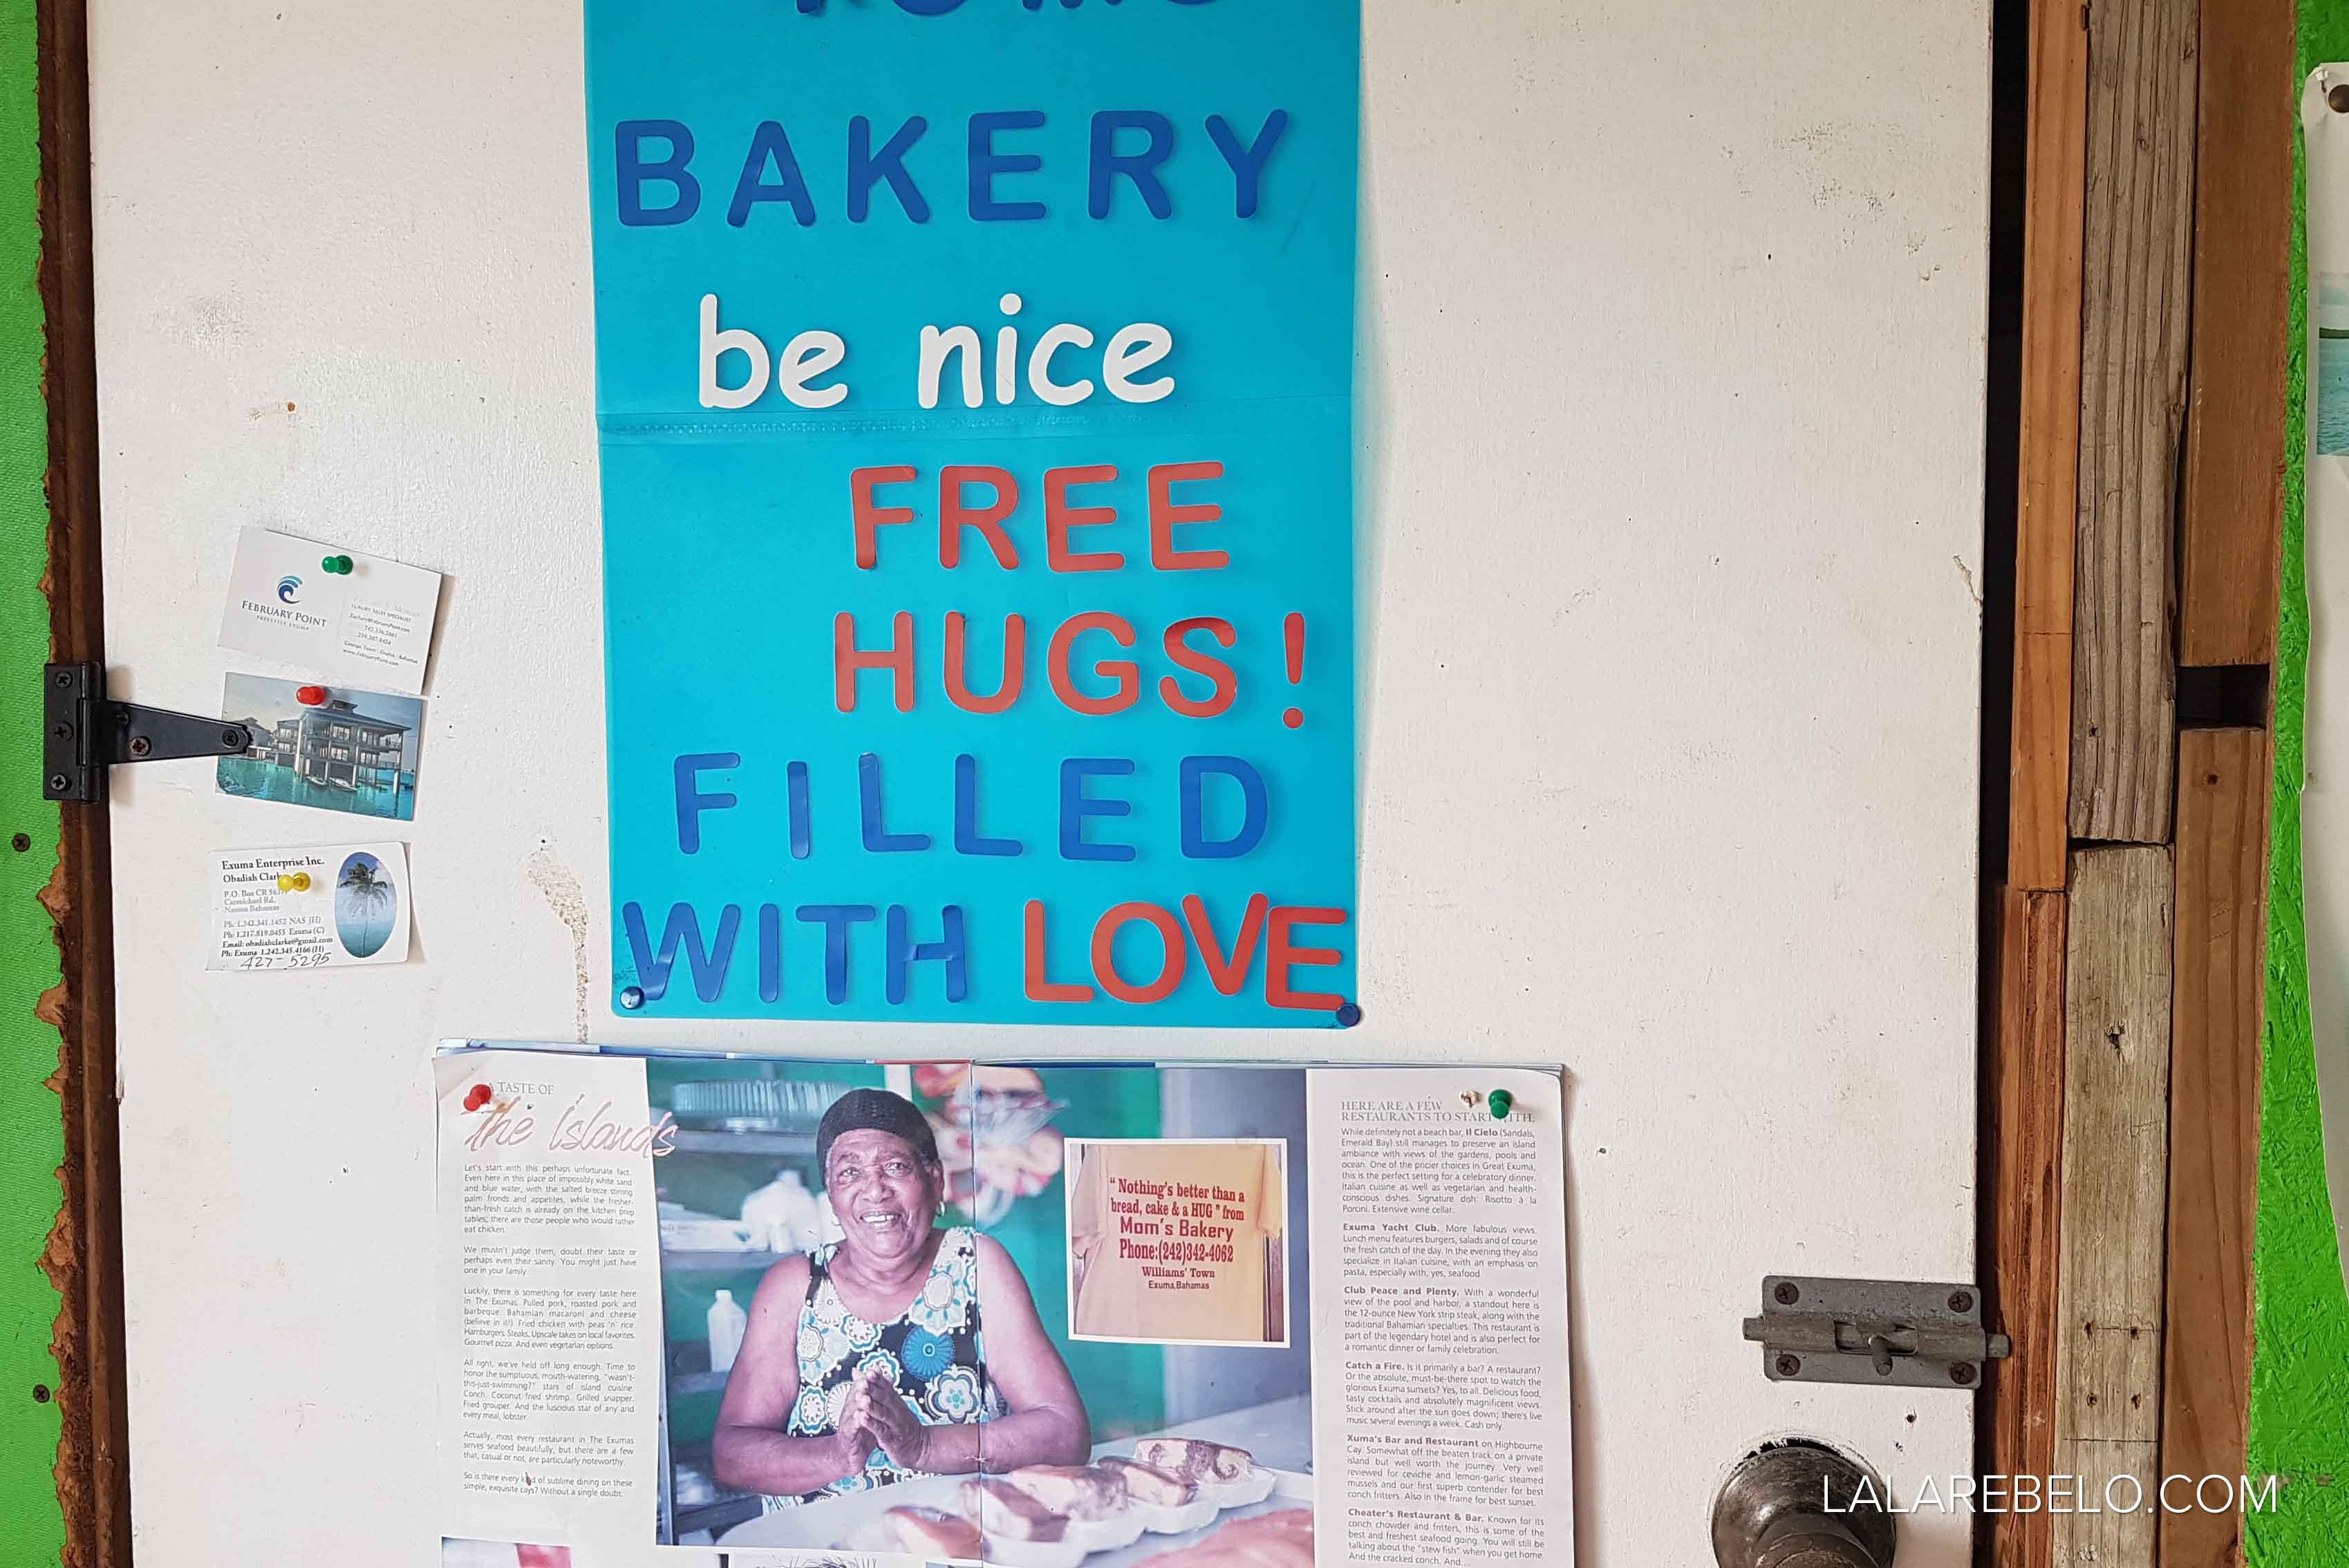 Mom's Bakery ao lado do Santanna's - Little Exuma - Bahamas